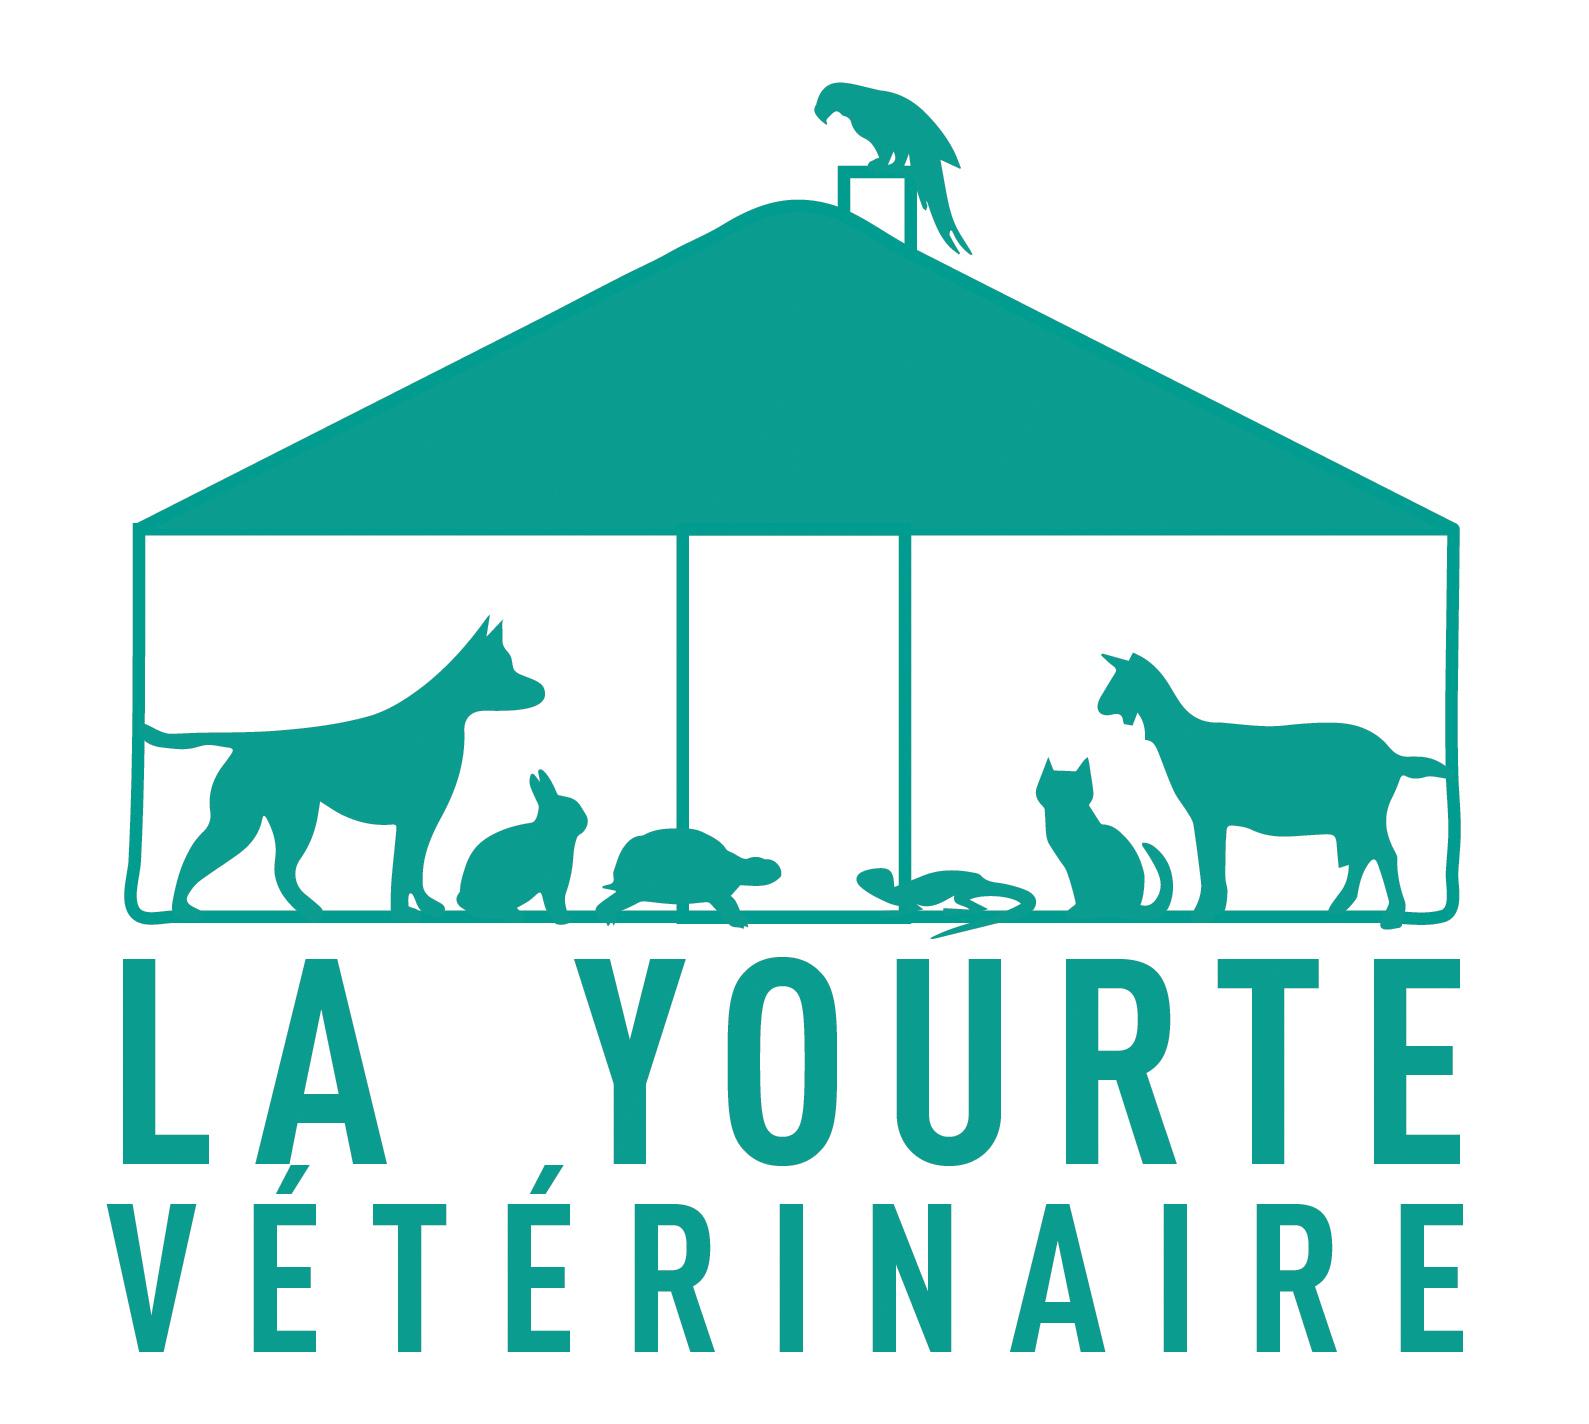 La yourte vétérinaire